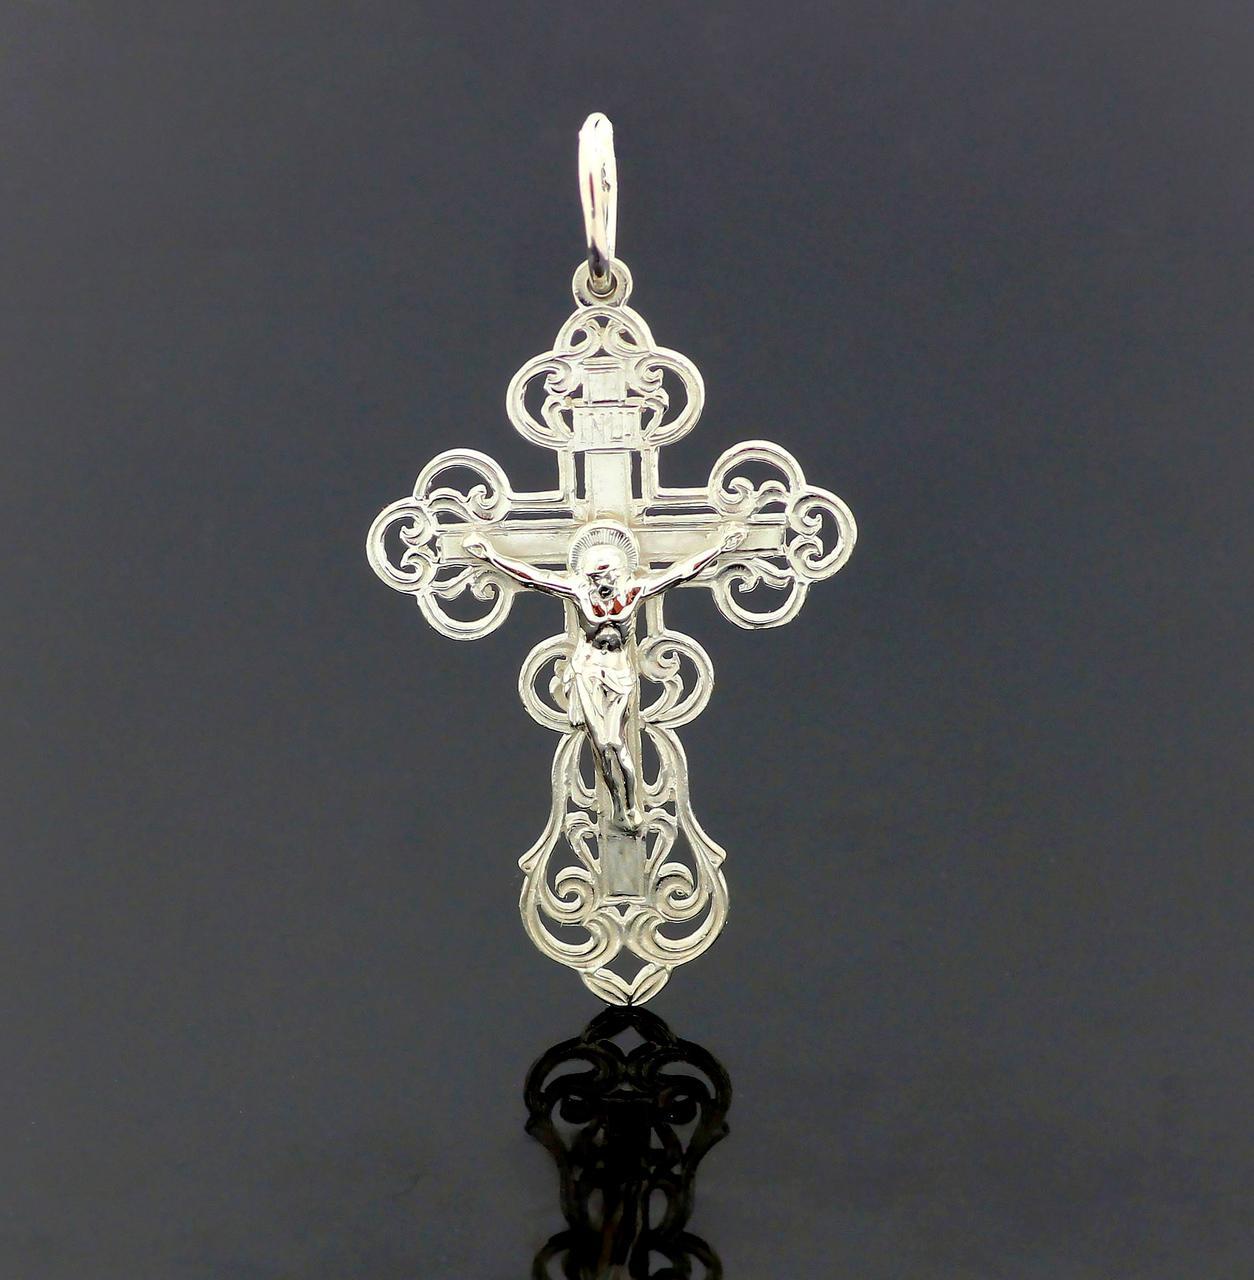 Срібний православний хрестик з розп'яттям. Вага 18,75 гр. 925 проба